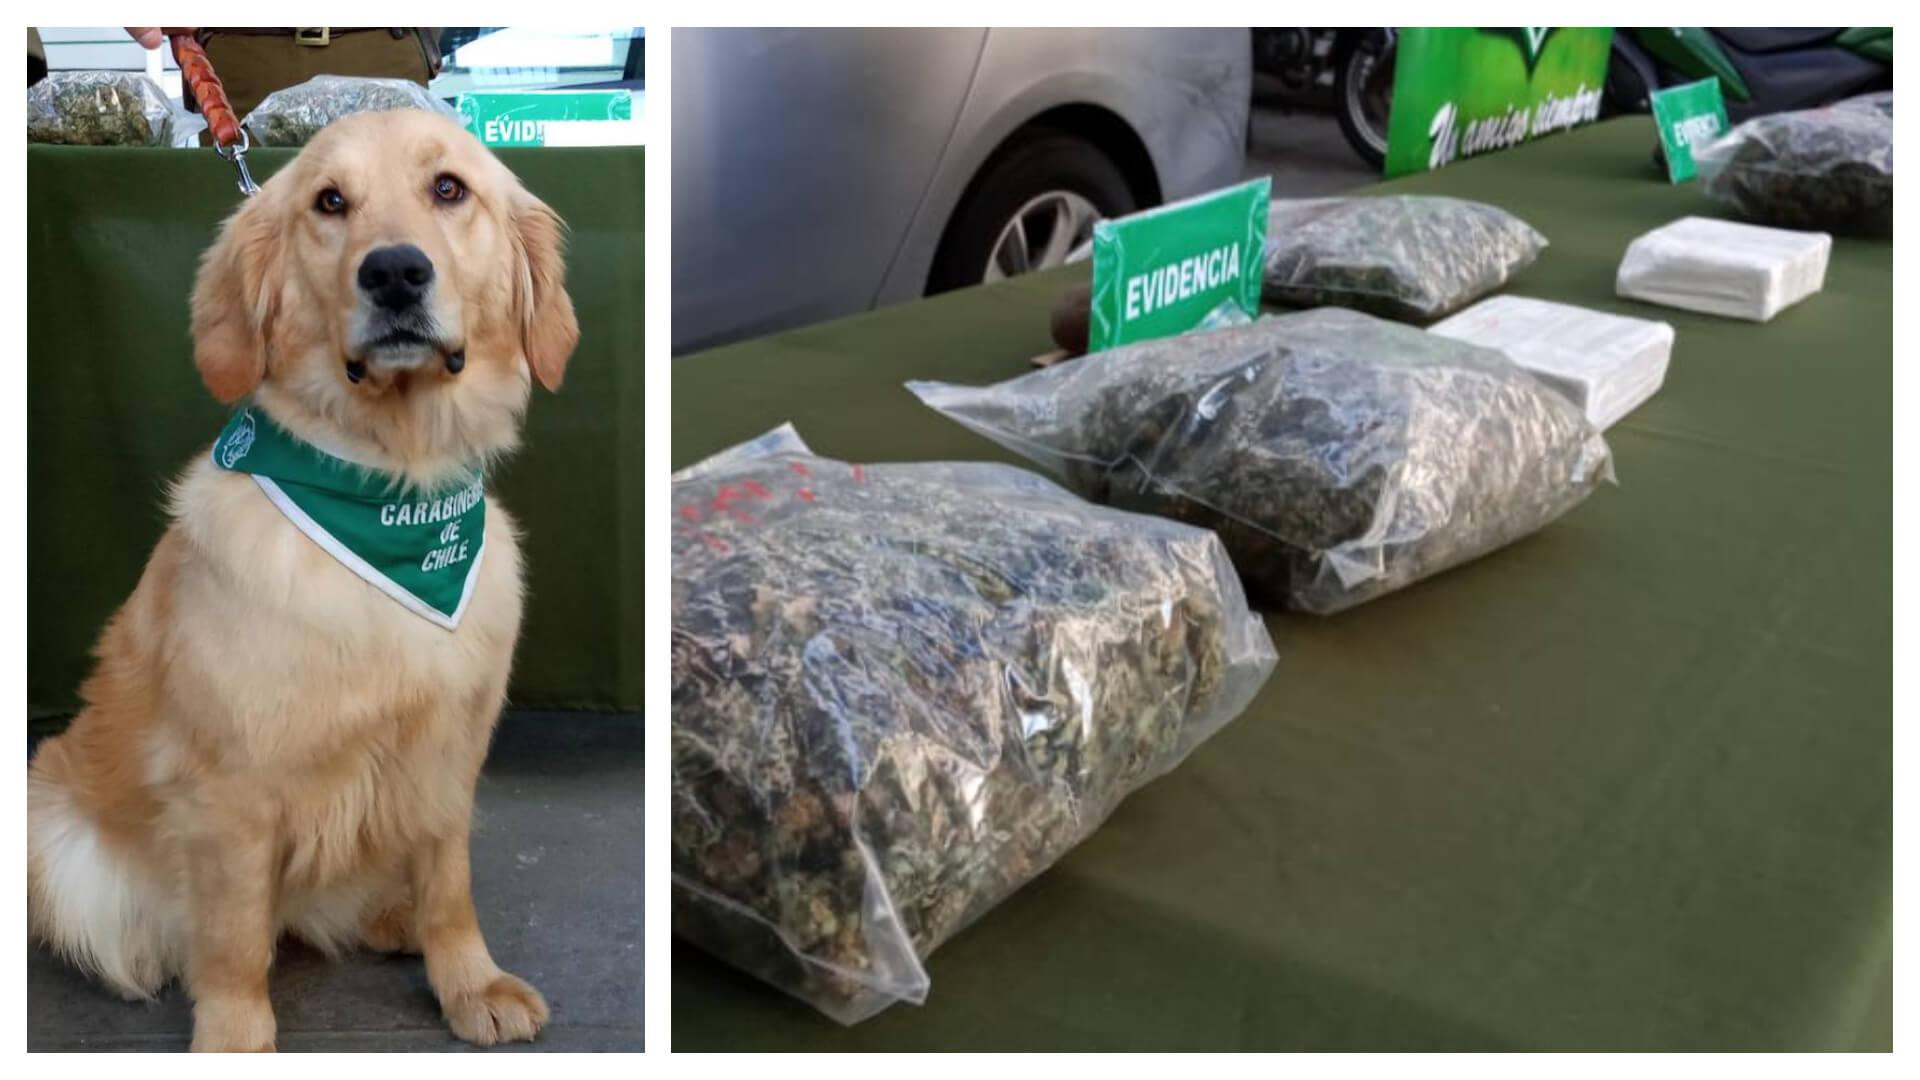 Los Ángeles: Perrito detecta a sujetos con 40 millones en cocaína y marihuana